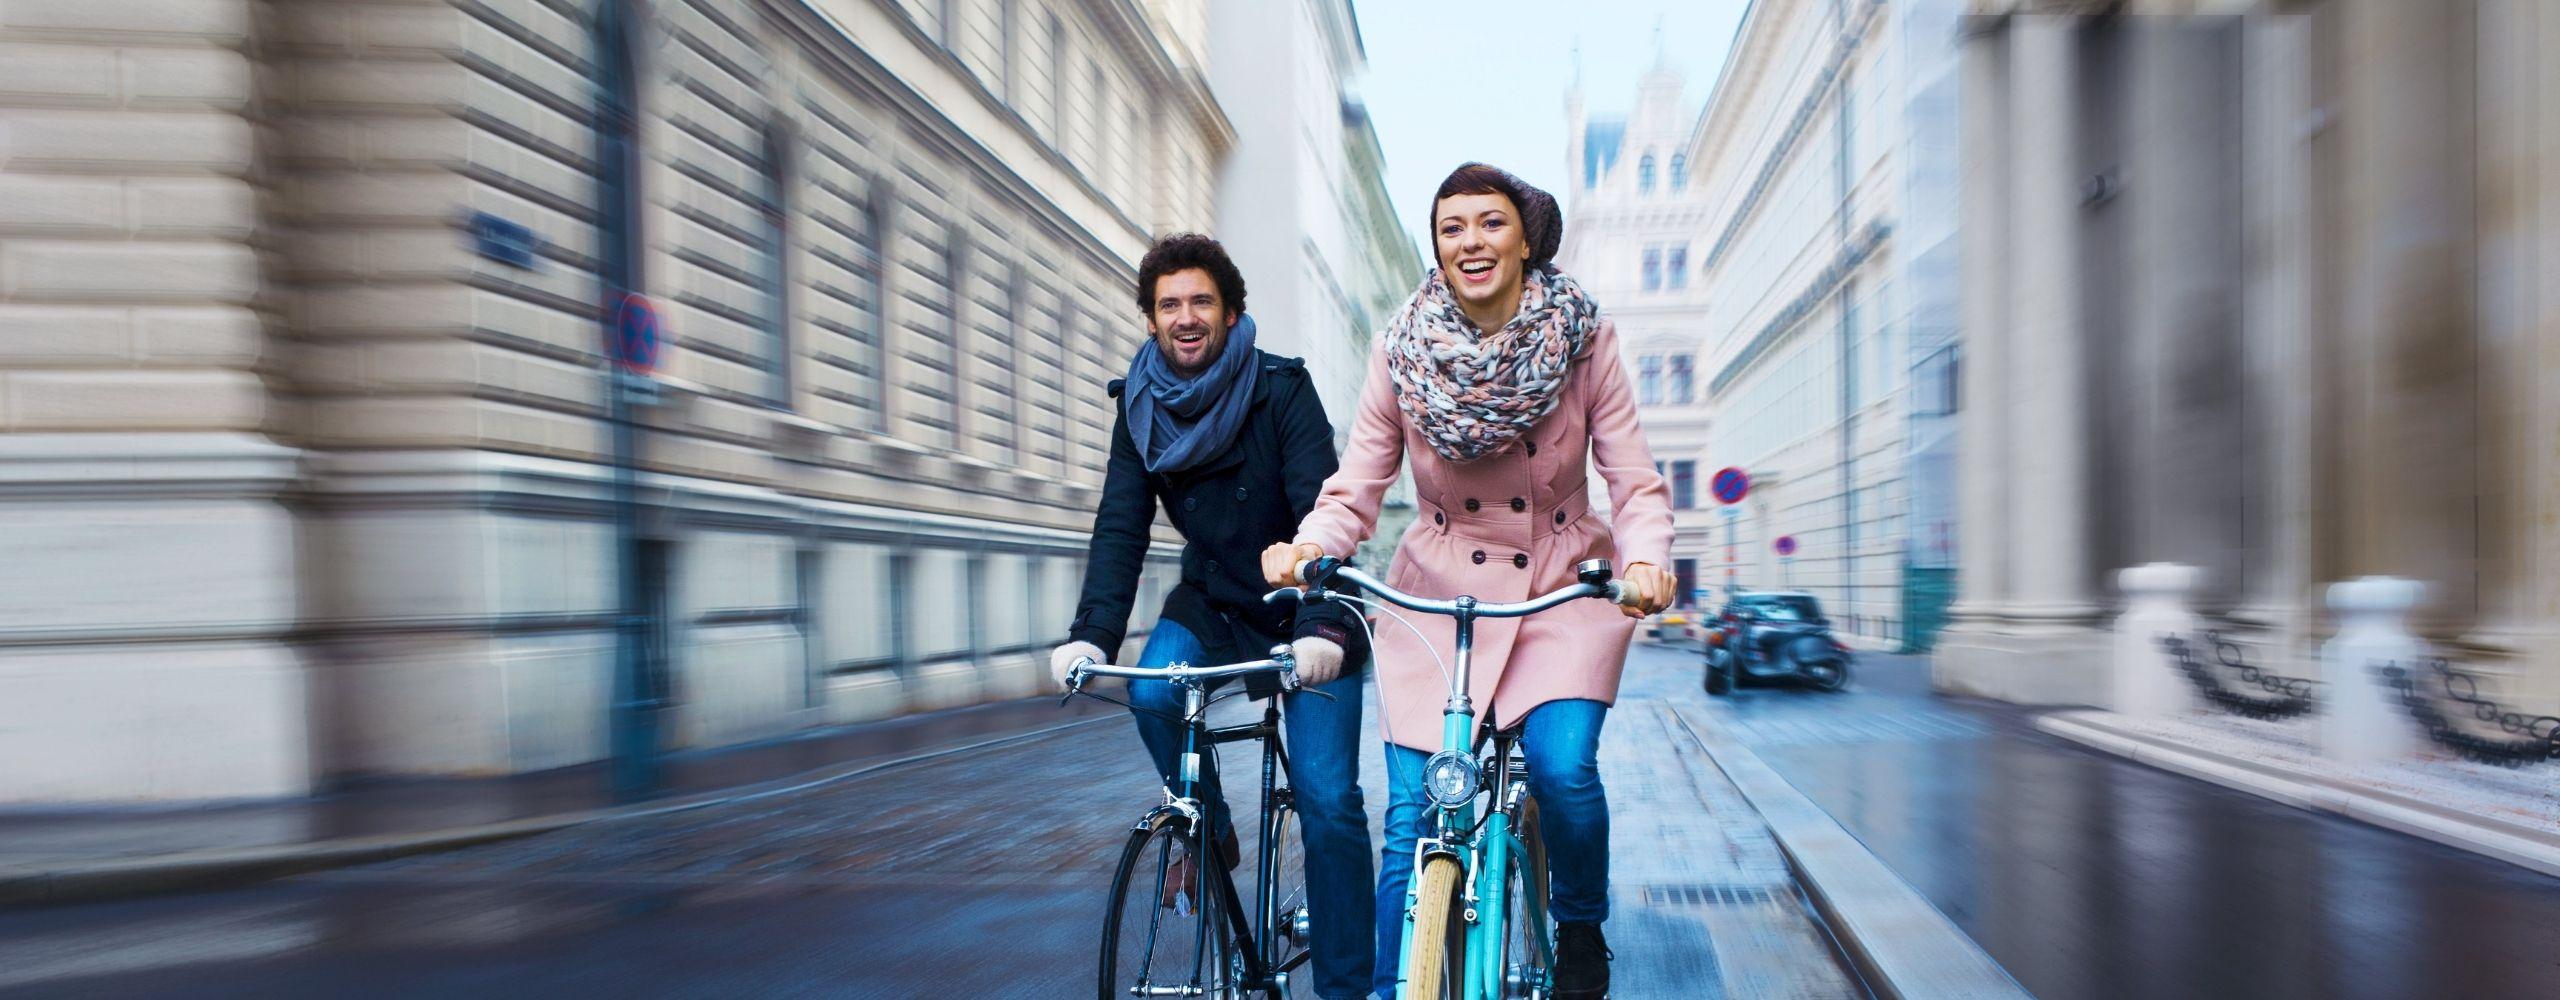 Eine Frau und ein Mann fahren im Winter mit dem Rad